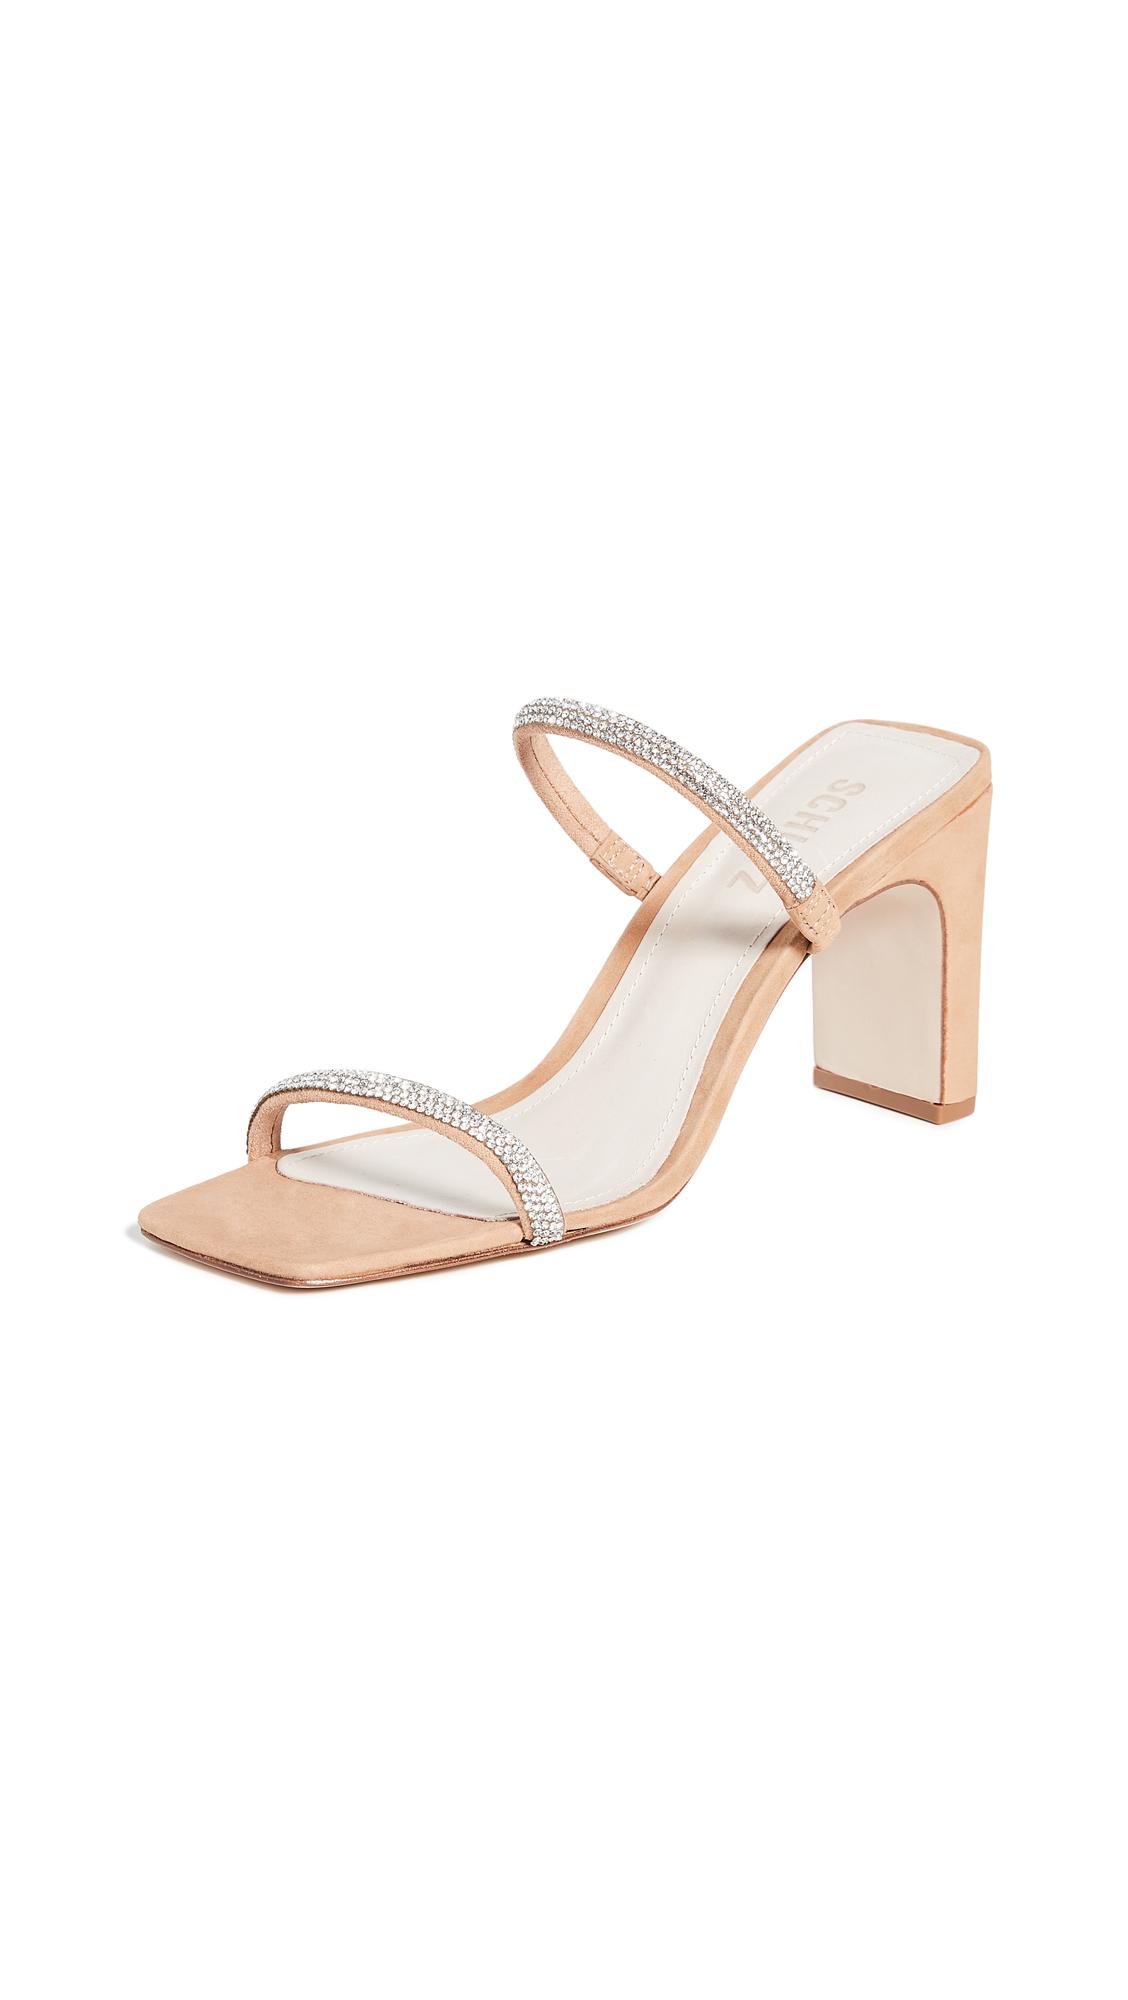 Buy Schutz Salwa Sandals online, shop Schutz